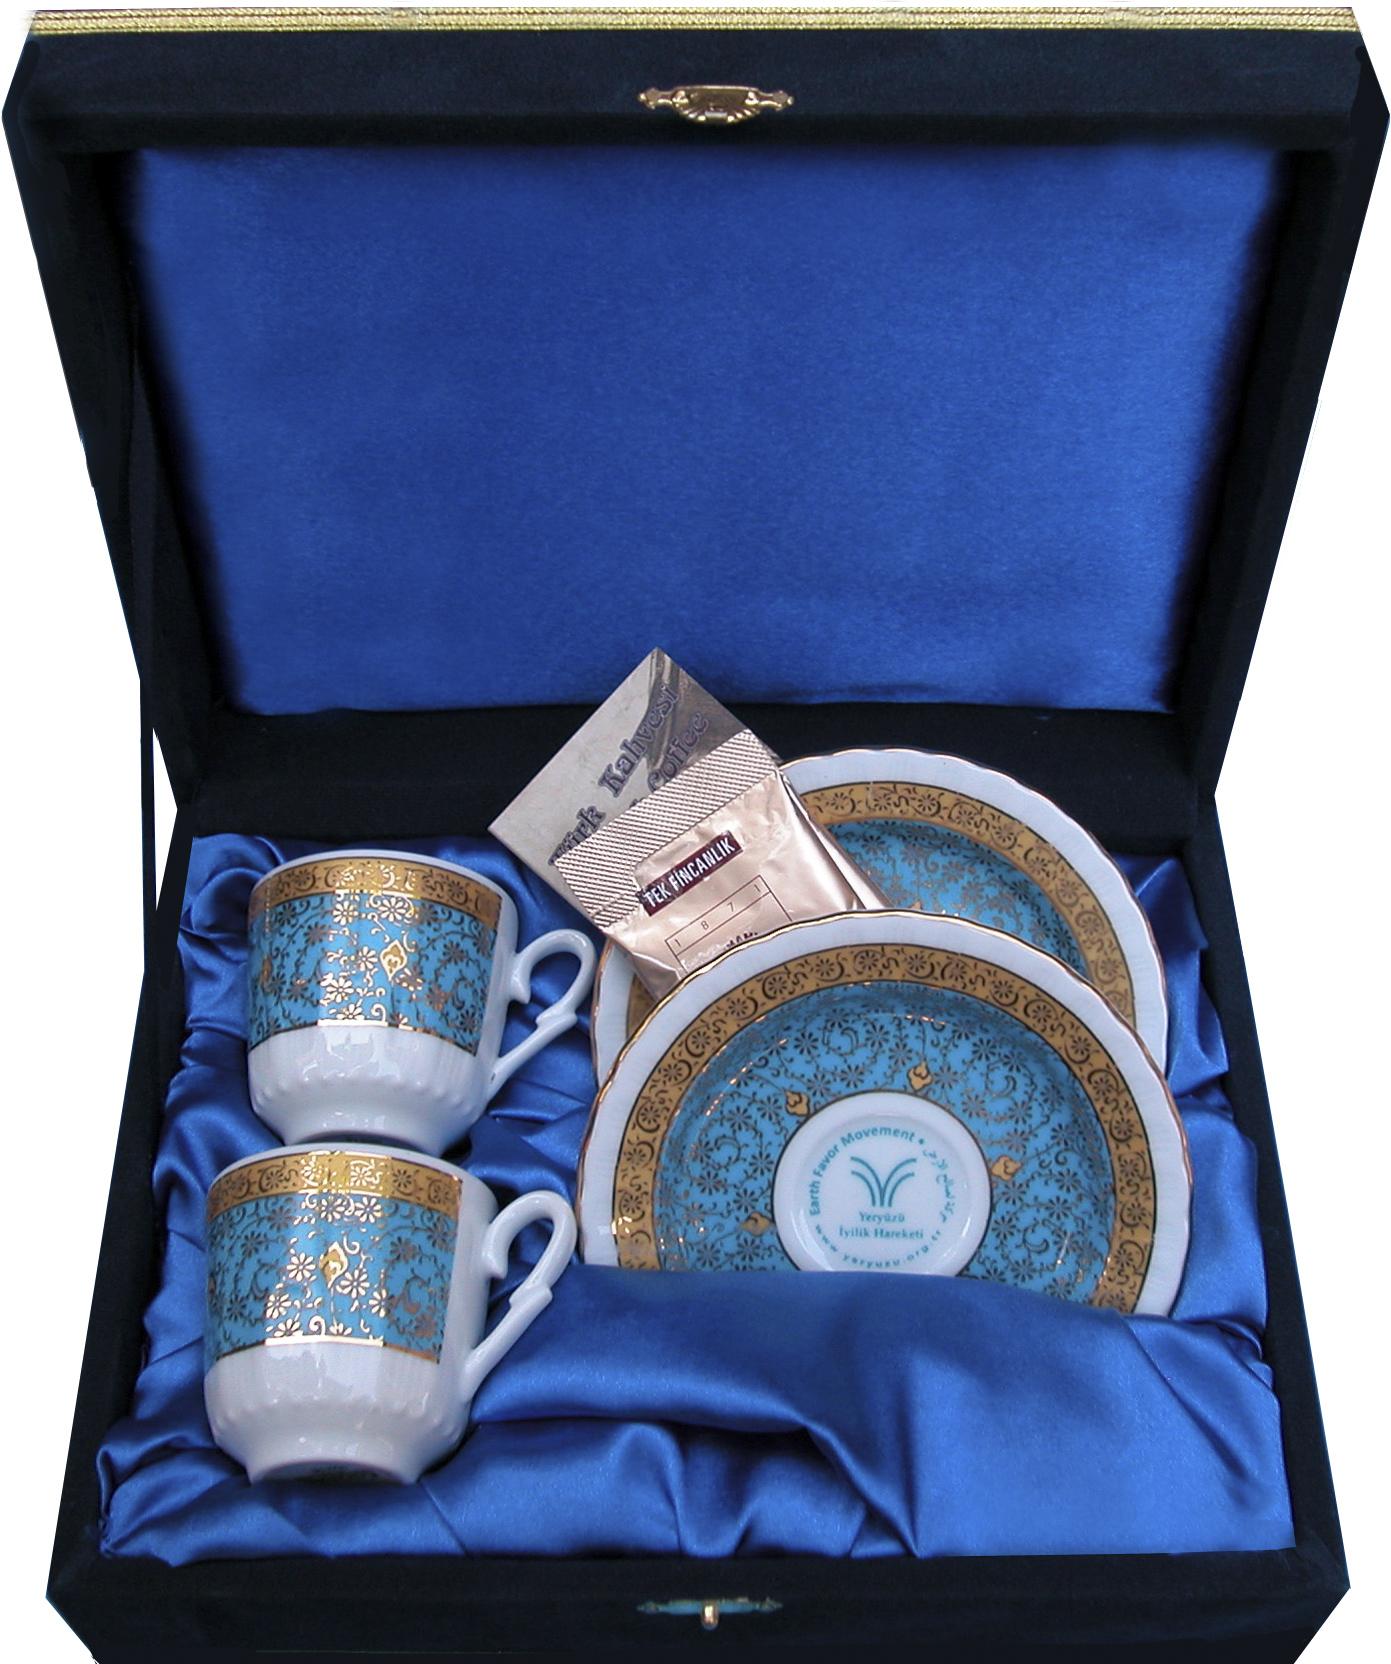 İkili Kadife Kutuda Hediyelik Fincan Setleri Vakıf ve Dernekler İçin Ziyaret Anısına Kurumsal Hediyelikler firma logolu baskılı uygun fiyatlı  kutulu kahve Fincan Takımları çift kişilik keyif seti